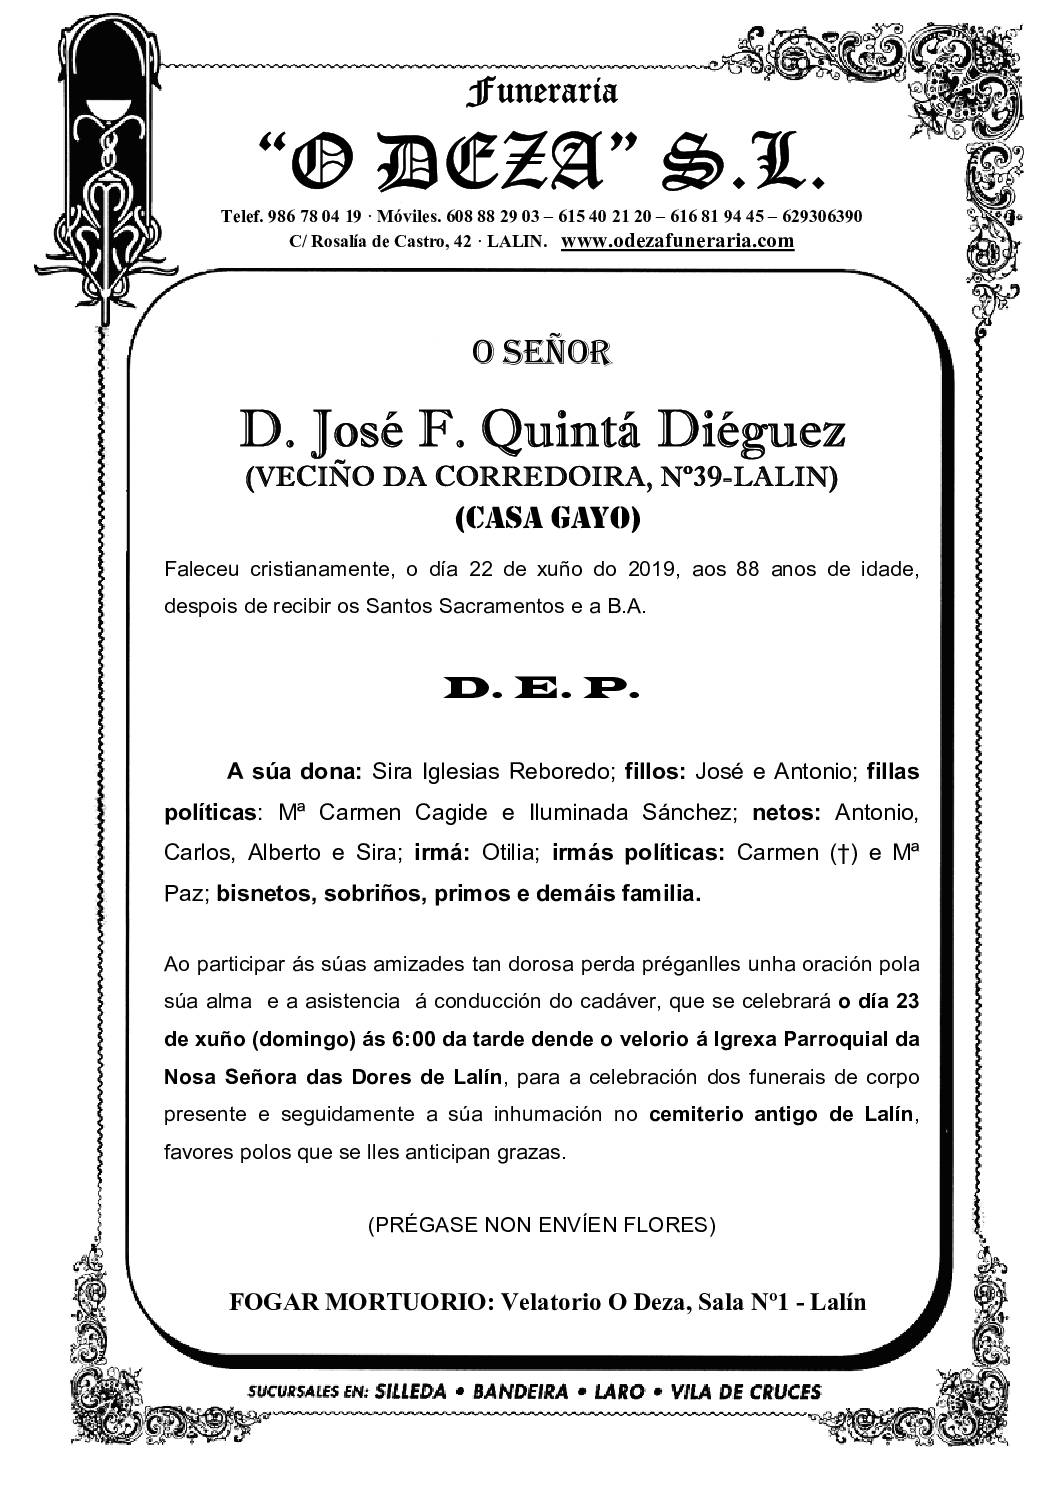 D. JOSÉ F. QUINTÁ DIÉGUEZ